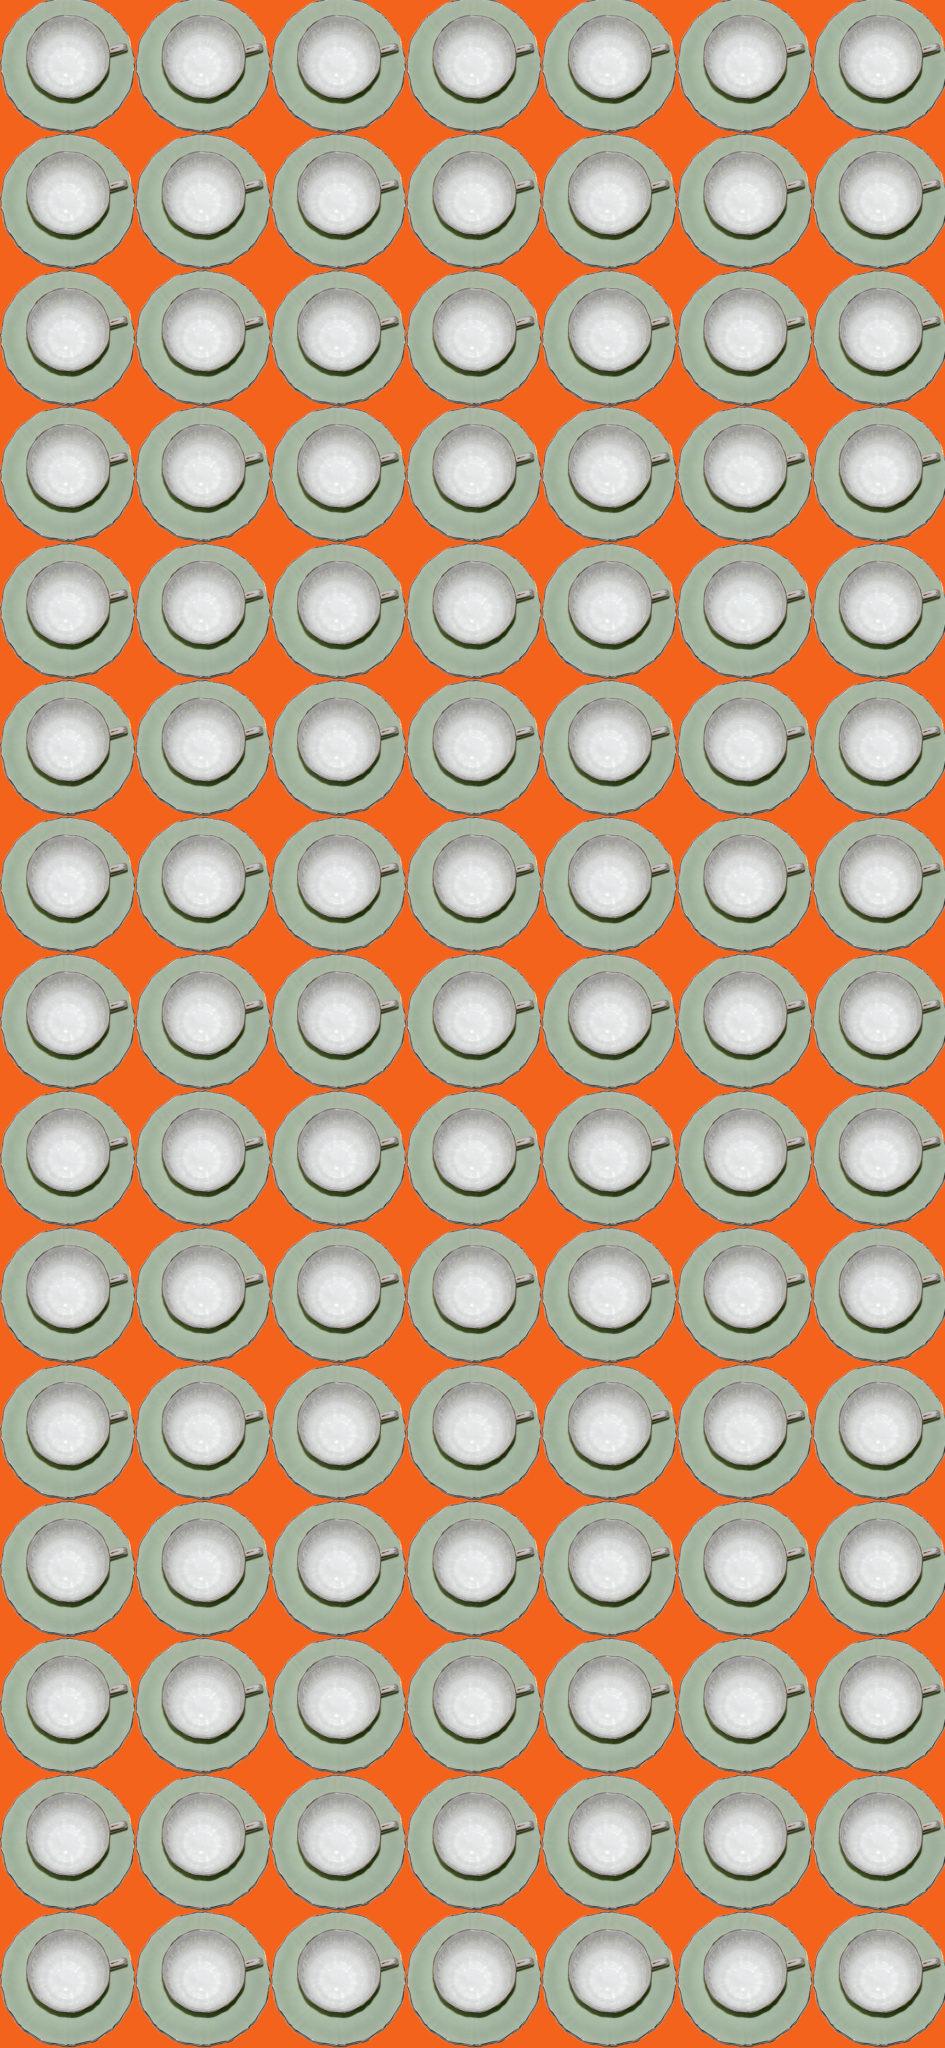 Wallpaper and Fabric design, swin, claire swindale, British design